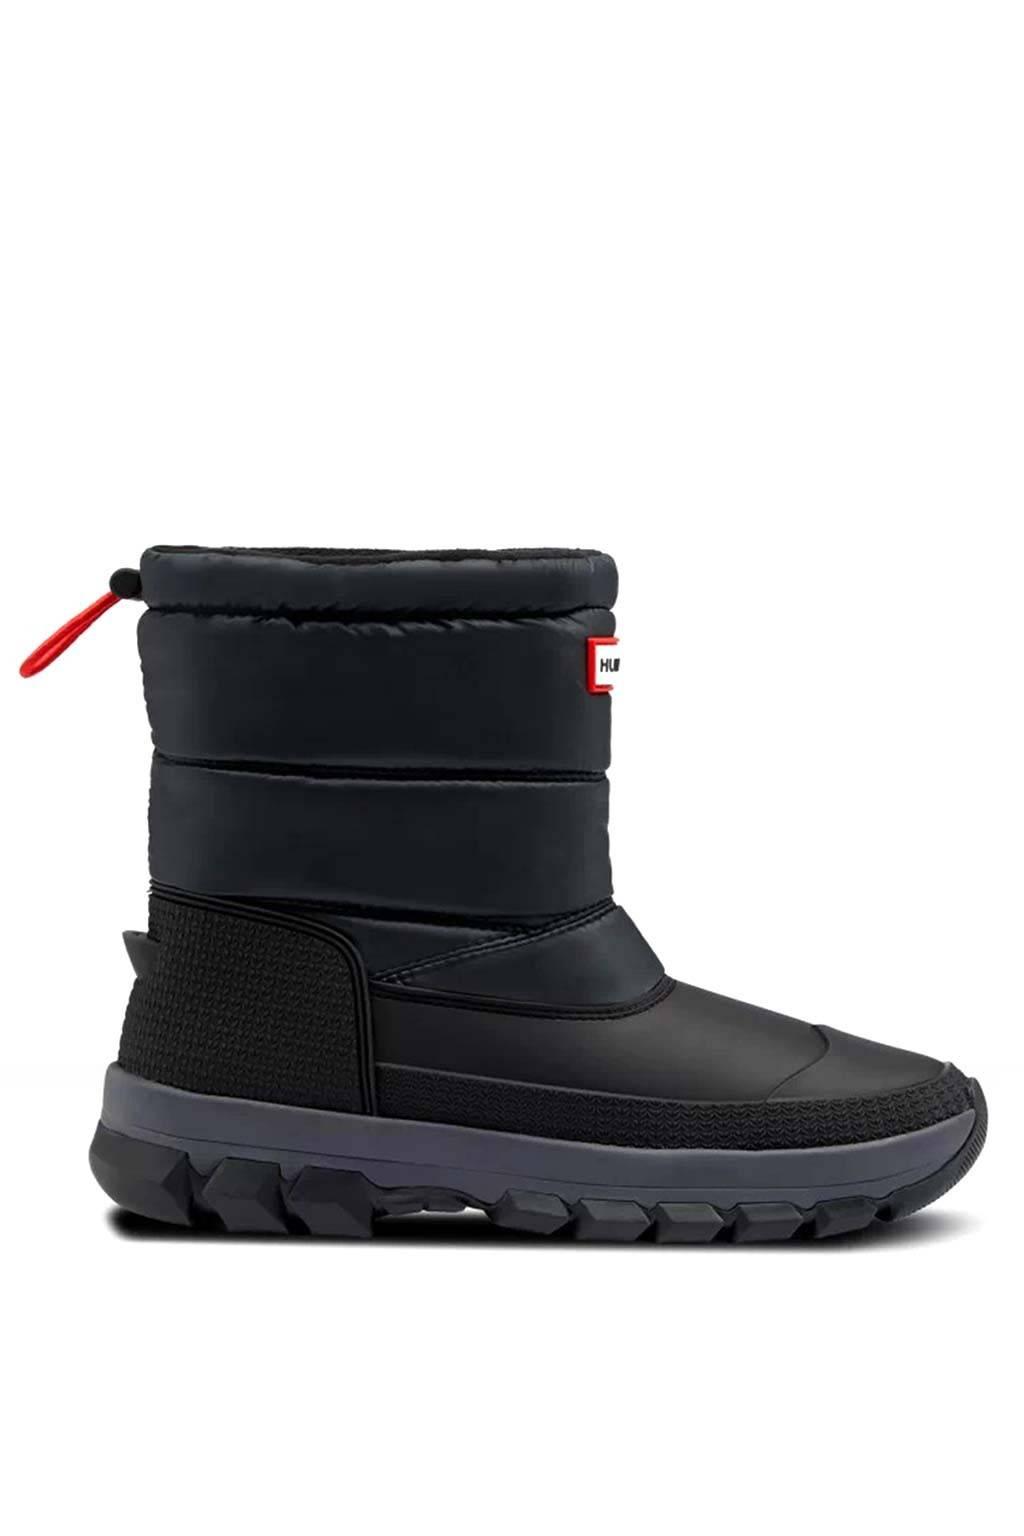 Hunter Original w insulated snow short wfs2106wwu black